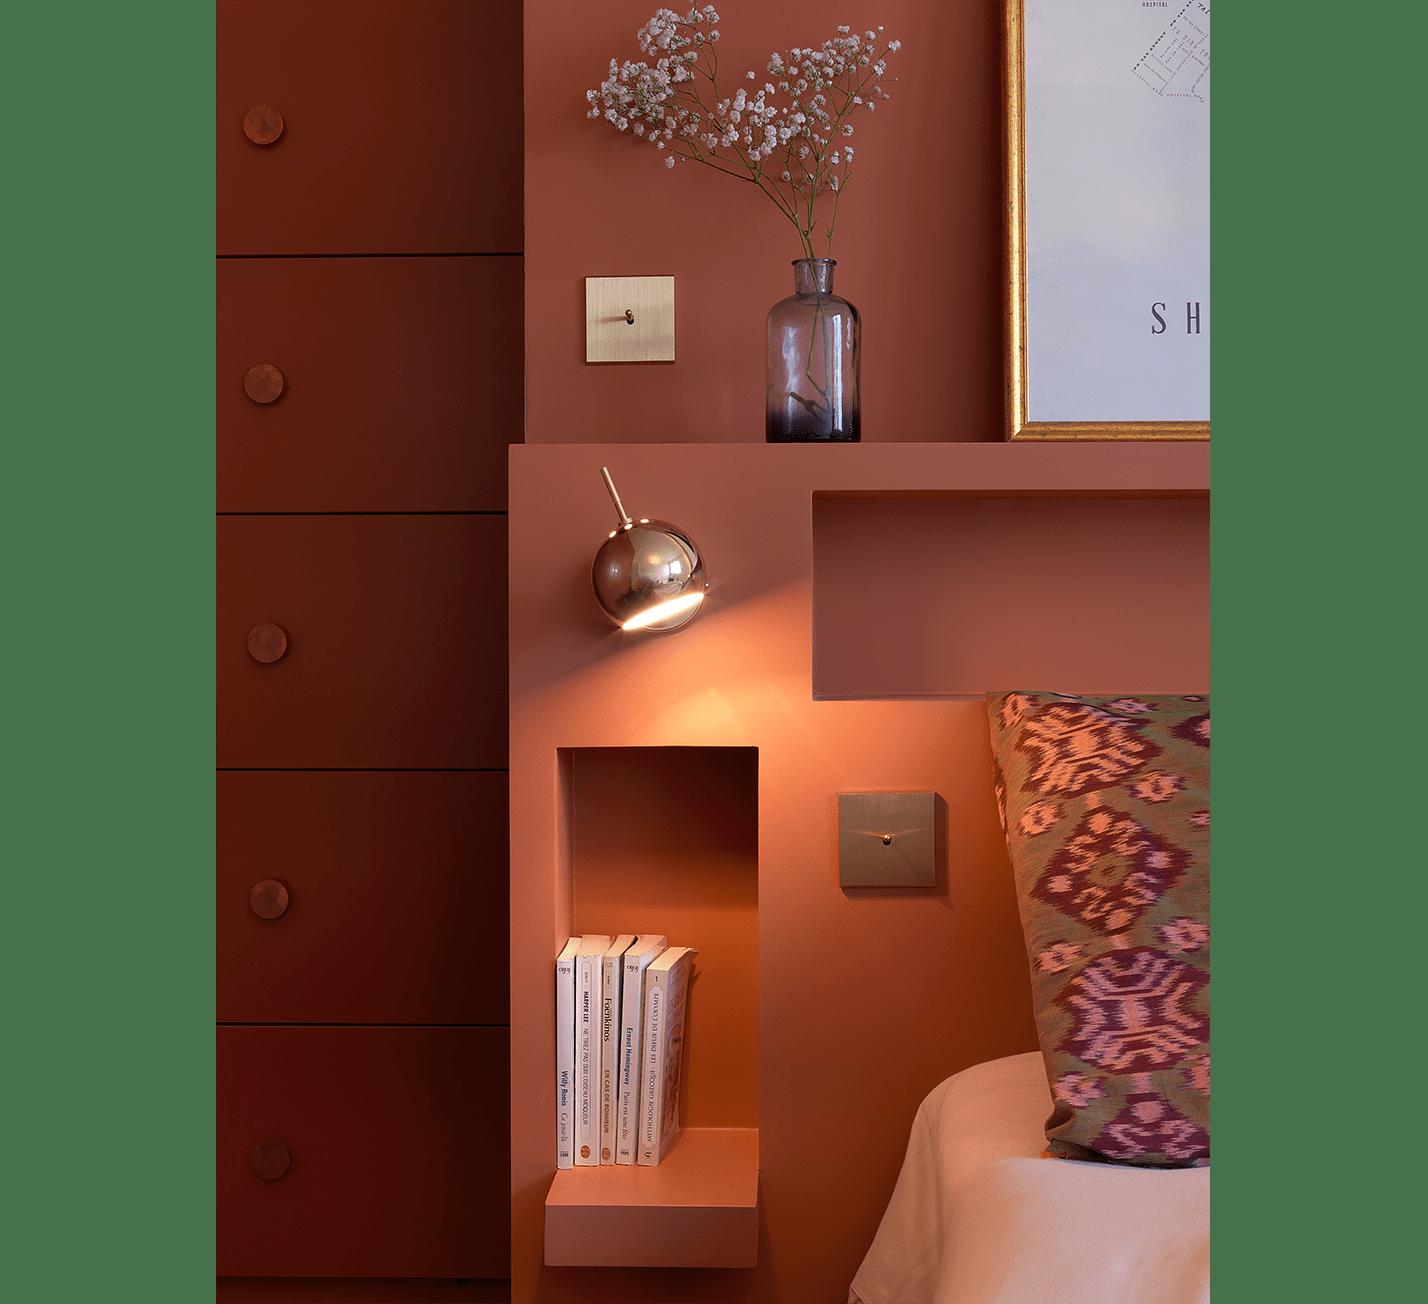 Projet-Est-Atelier-Steve-Pauline-Borgia-Architecture-interieur-01-min